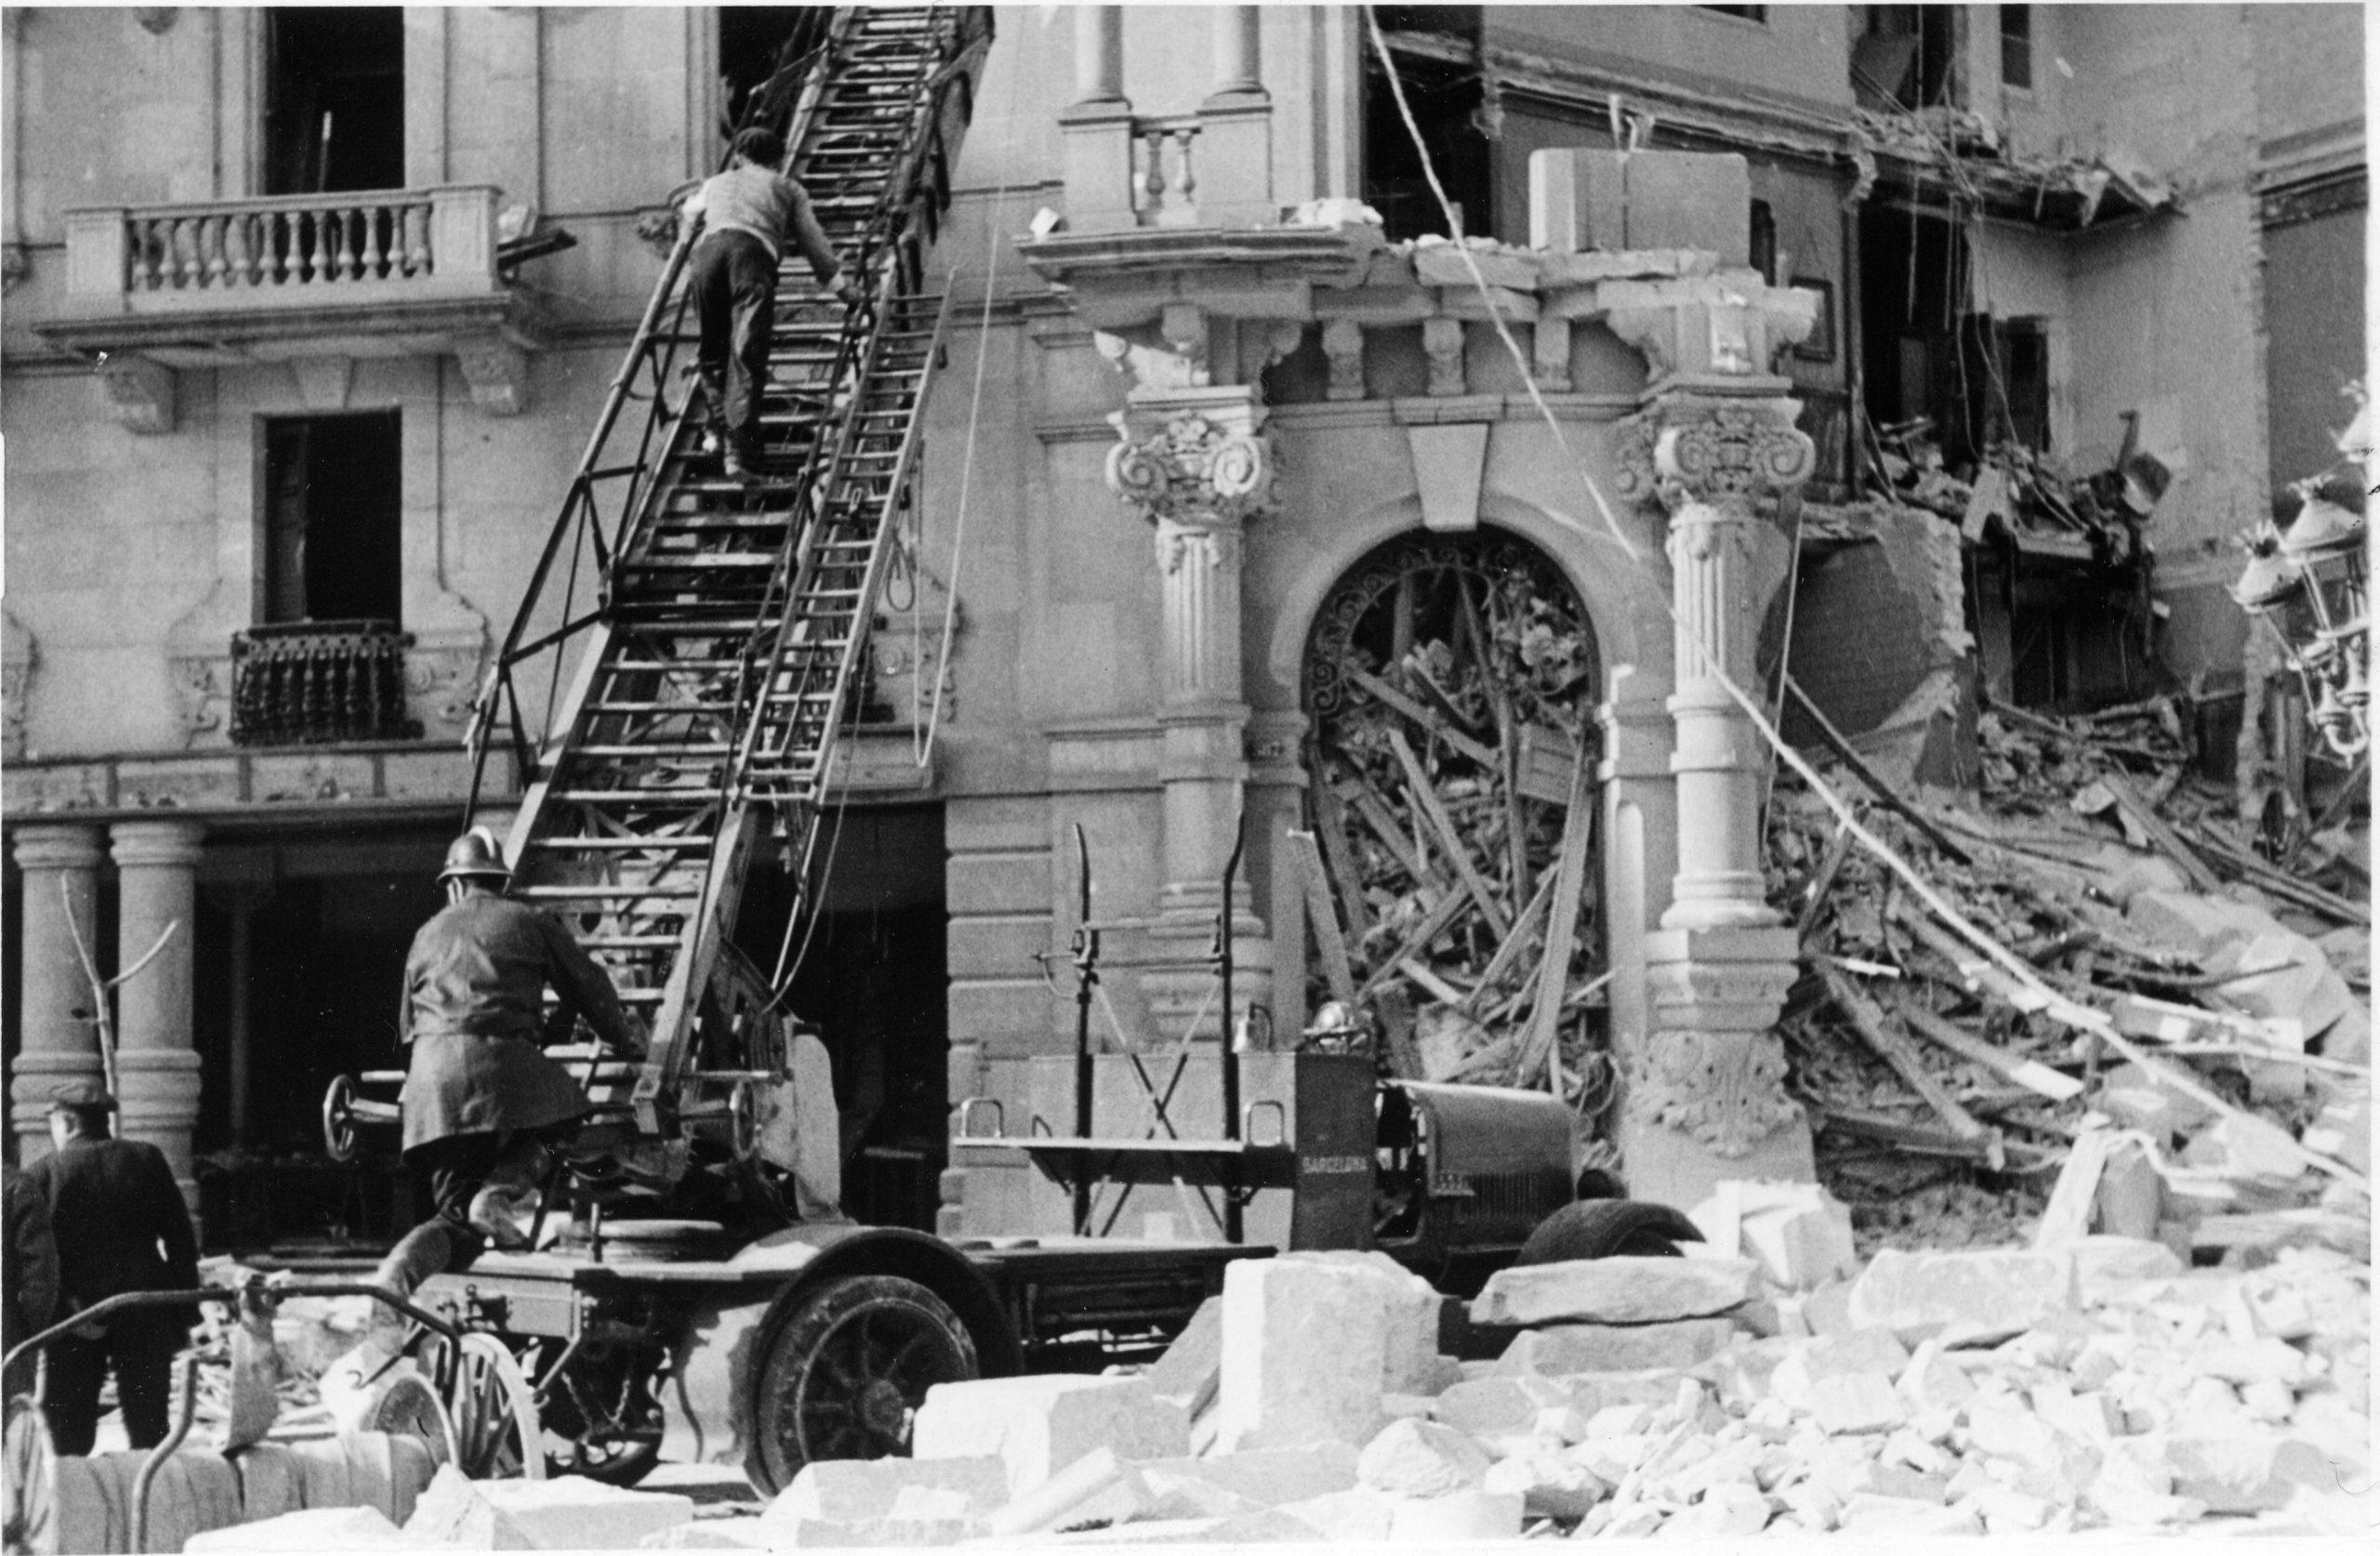 Bombers de Barcelona fent tasques de salvament en el bombardeig del 18/03/1938